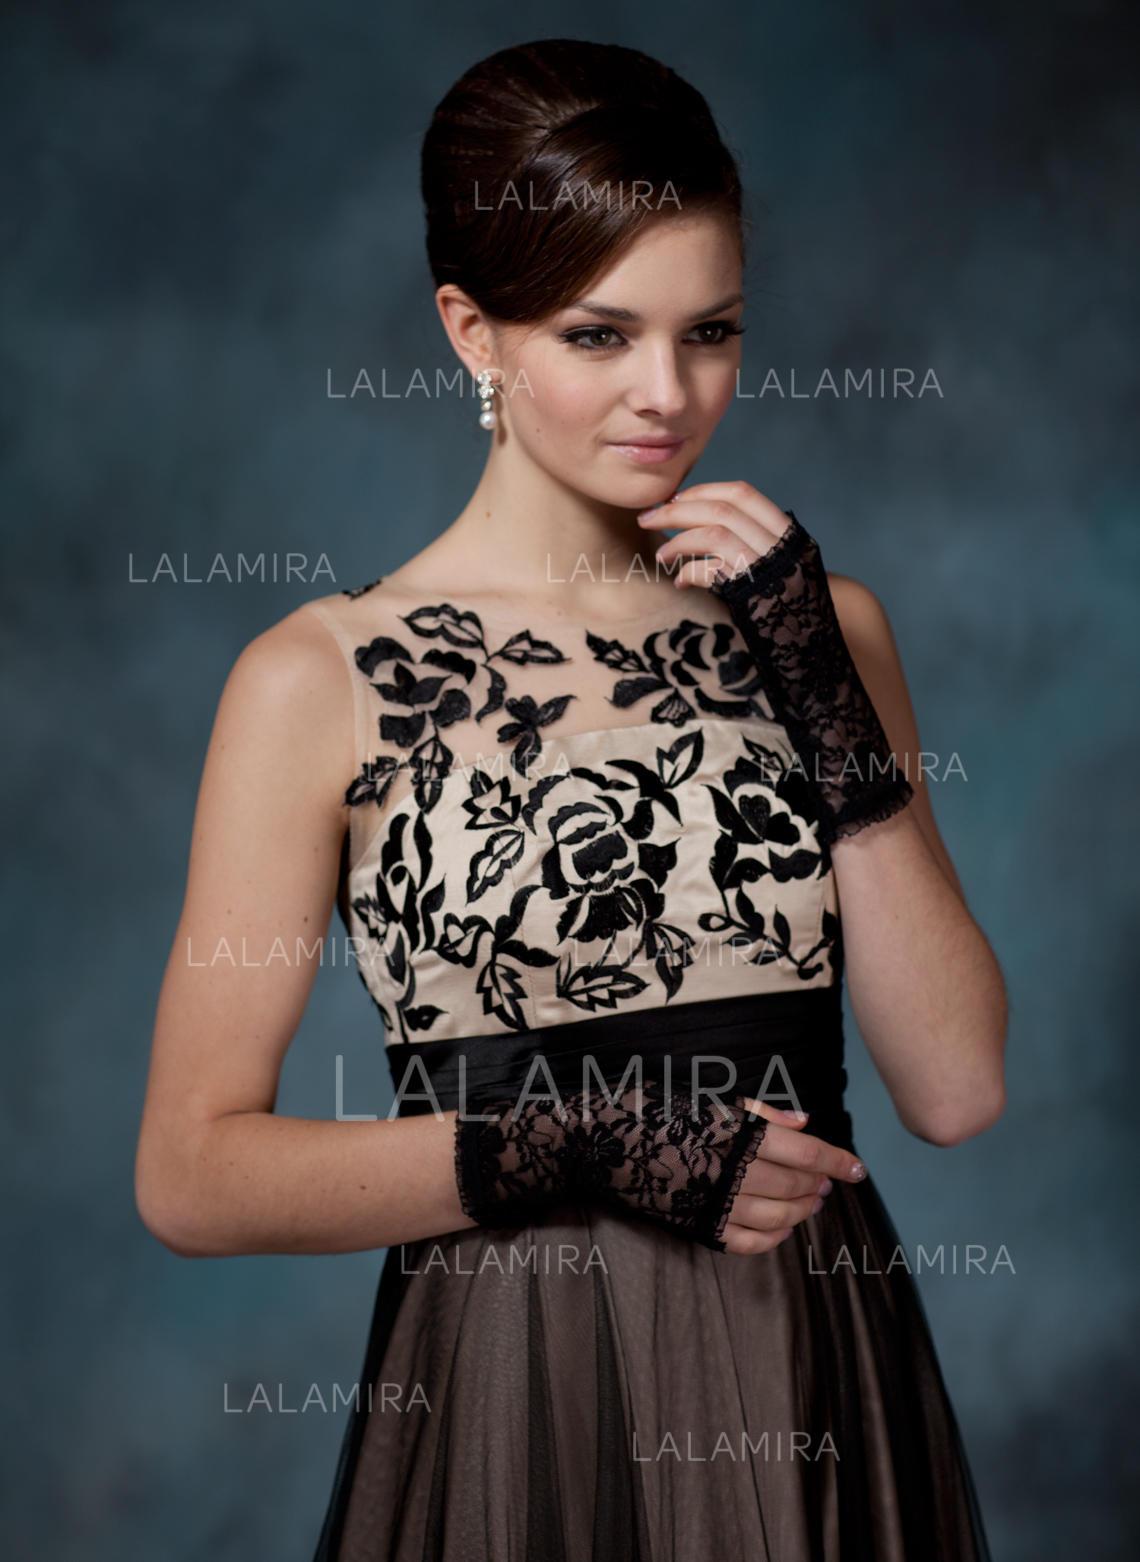 cac130d6cc8d Lace Wrist Længde Party Fashion Handsker (014020531). Loading zoom